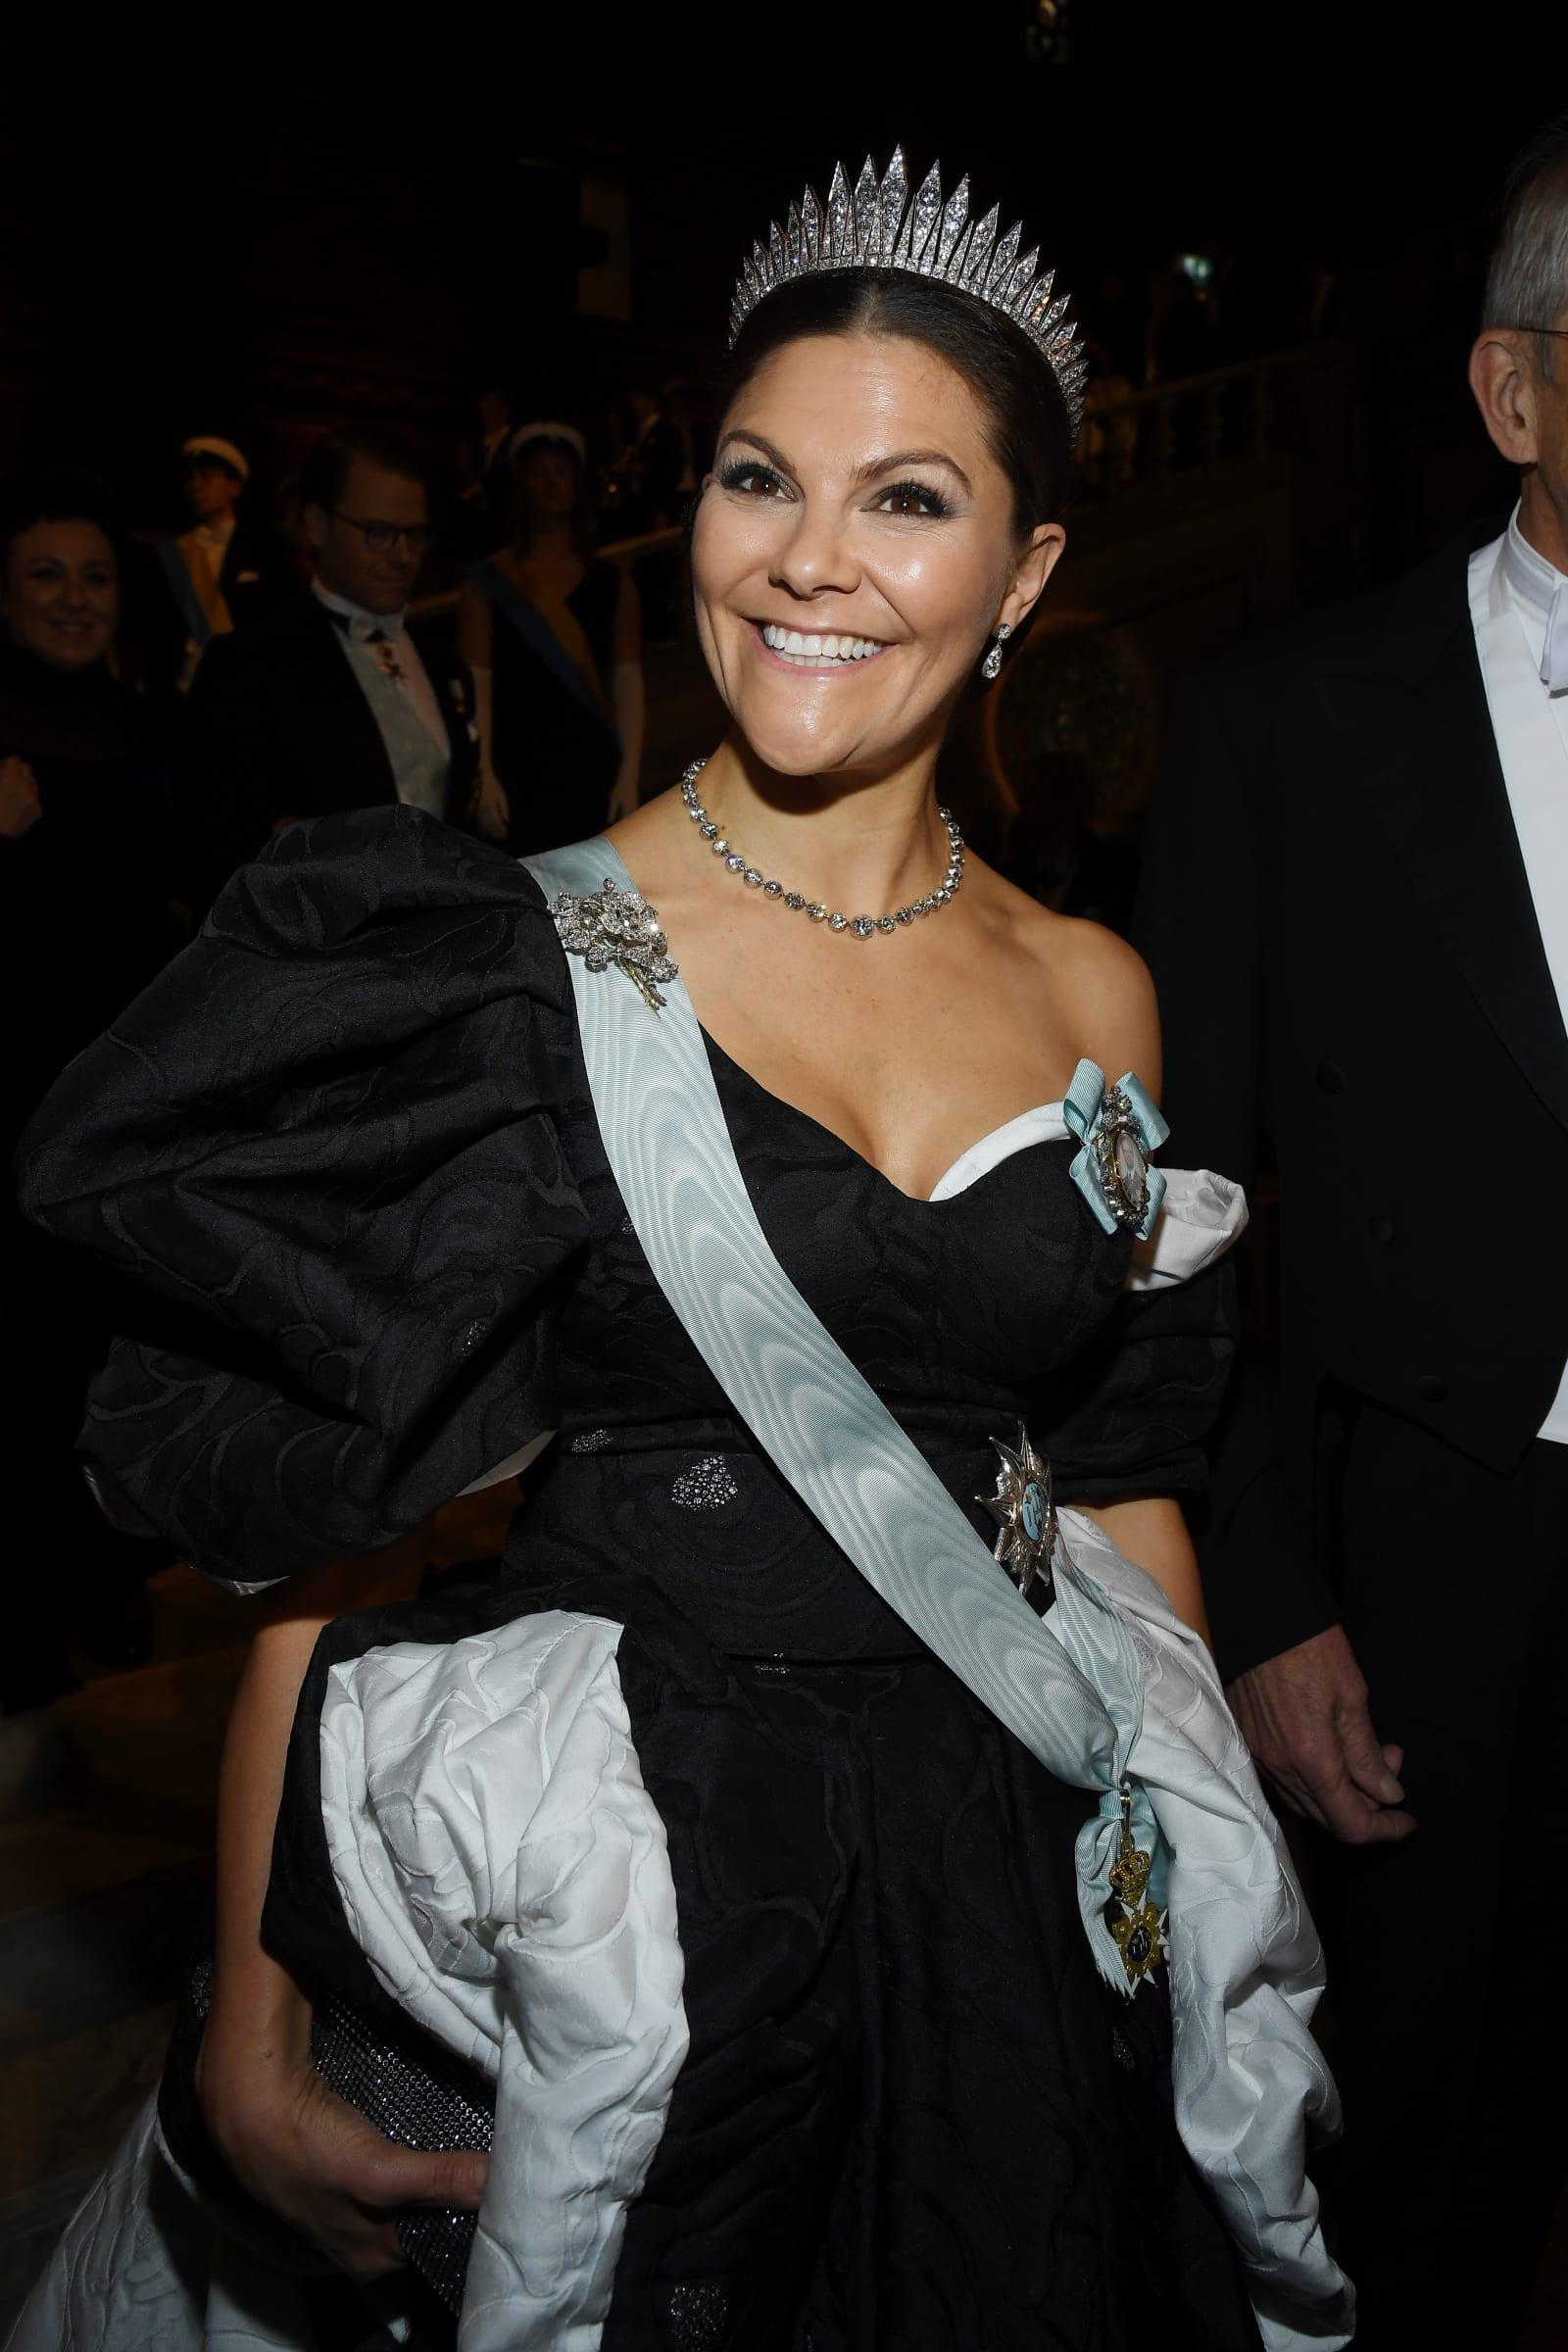 Prinzessin Victoria begeistert im One-Shoulder-Dress beim Nobelpreis